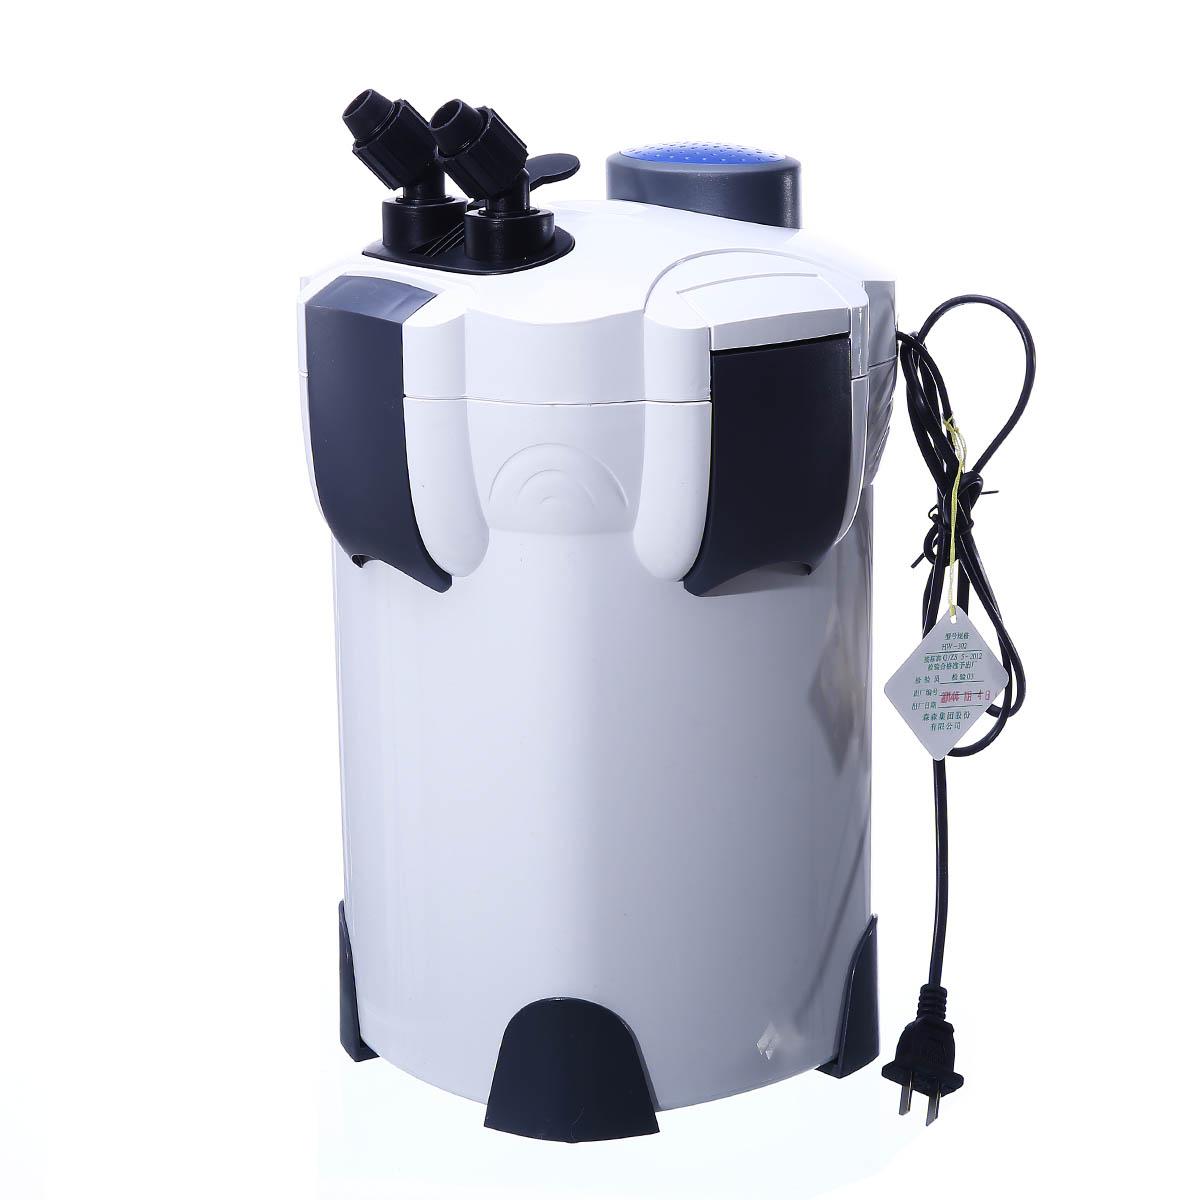 森森02鱼缸外置过滤桶hw-302